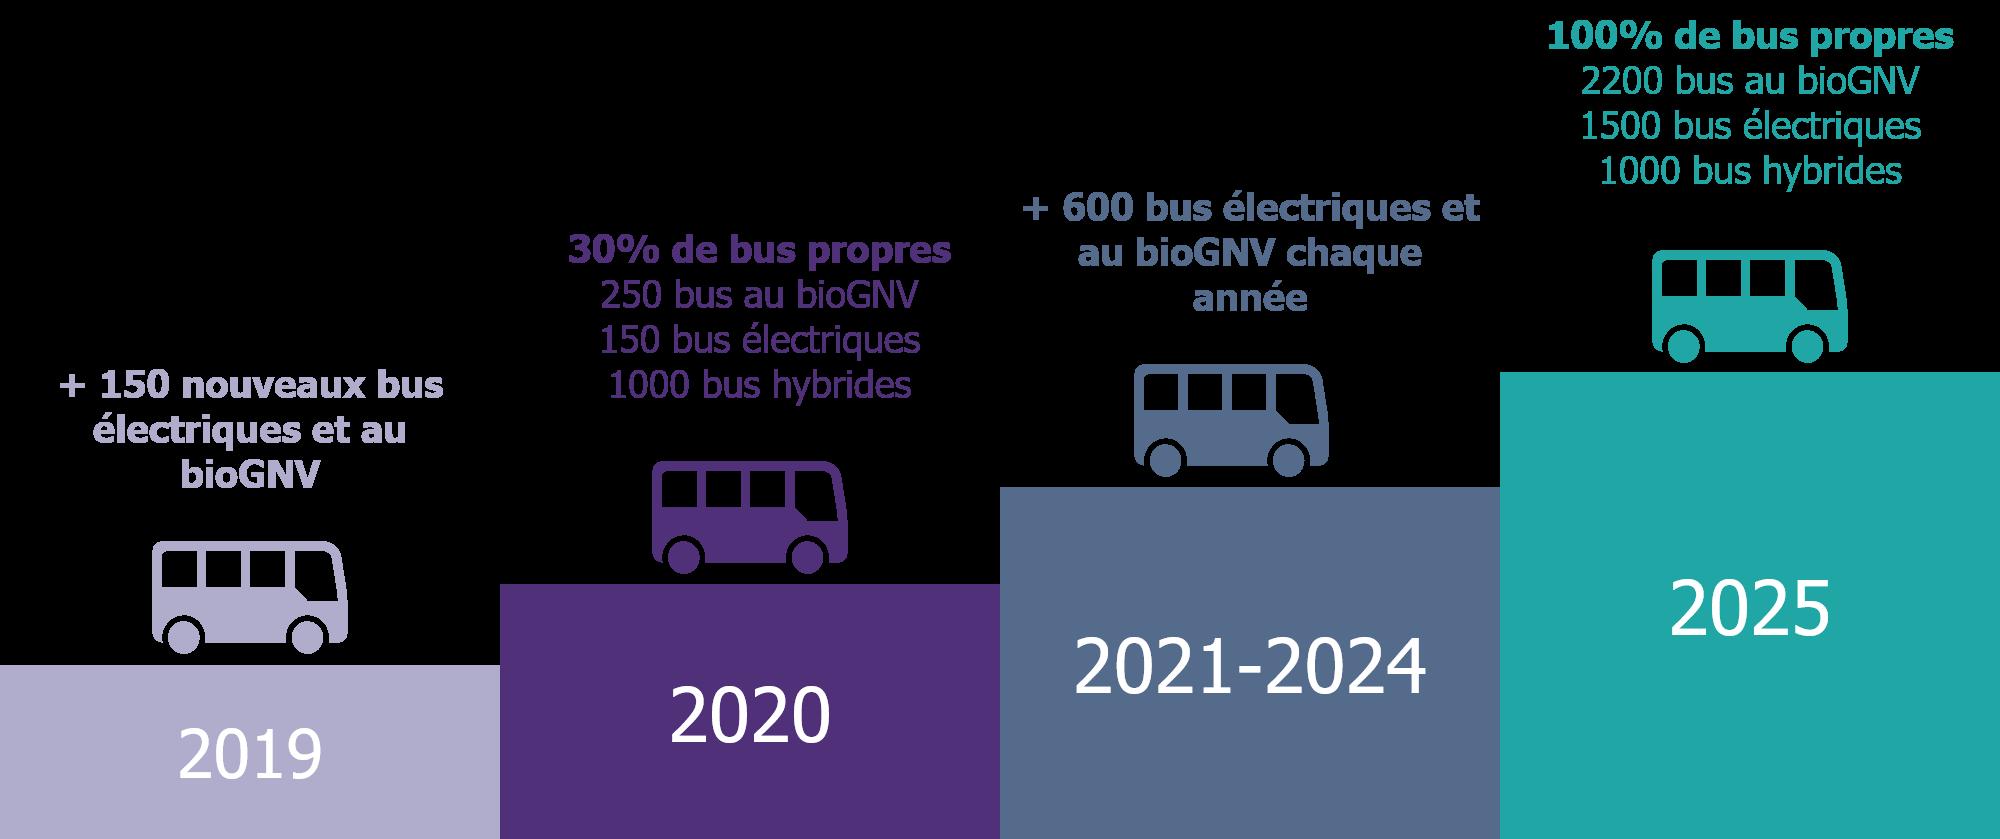 Synthèse de l'évolution de la flotte de bus exploitée par la RATP